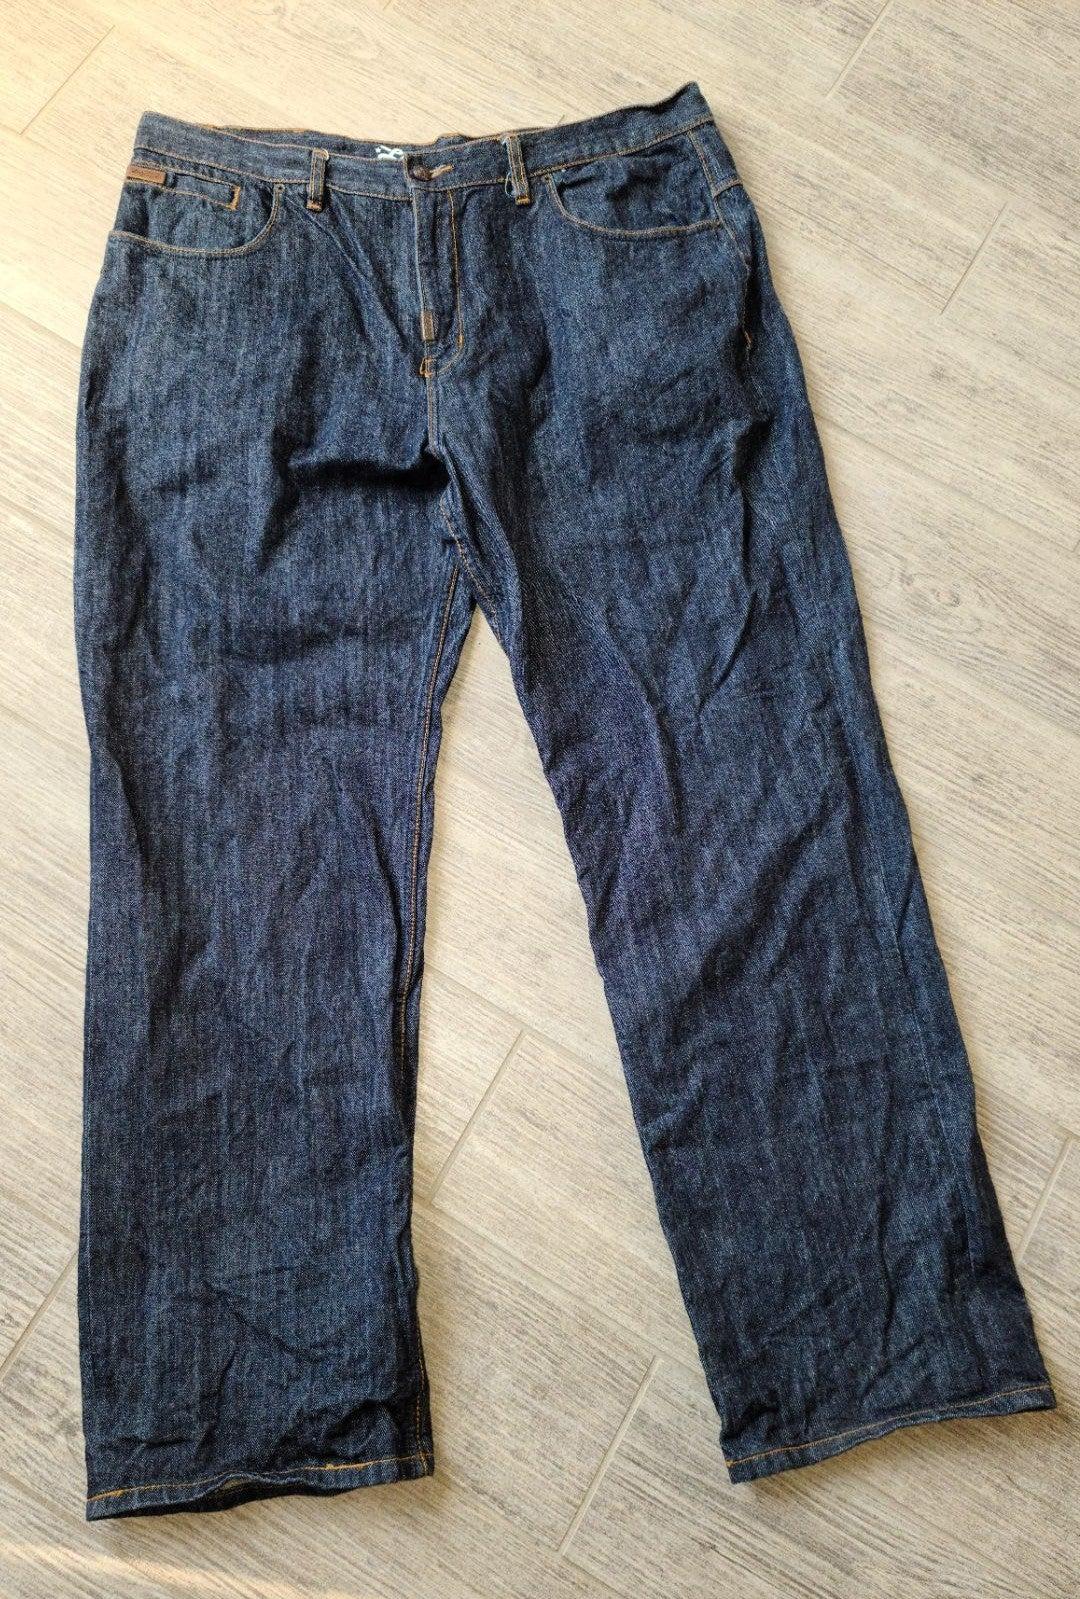 Men's LRG jeans size 42